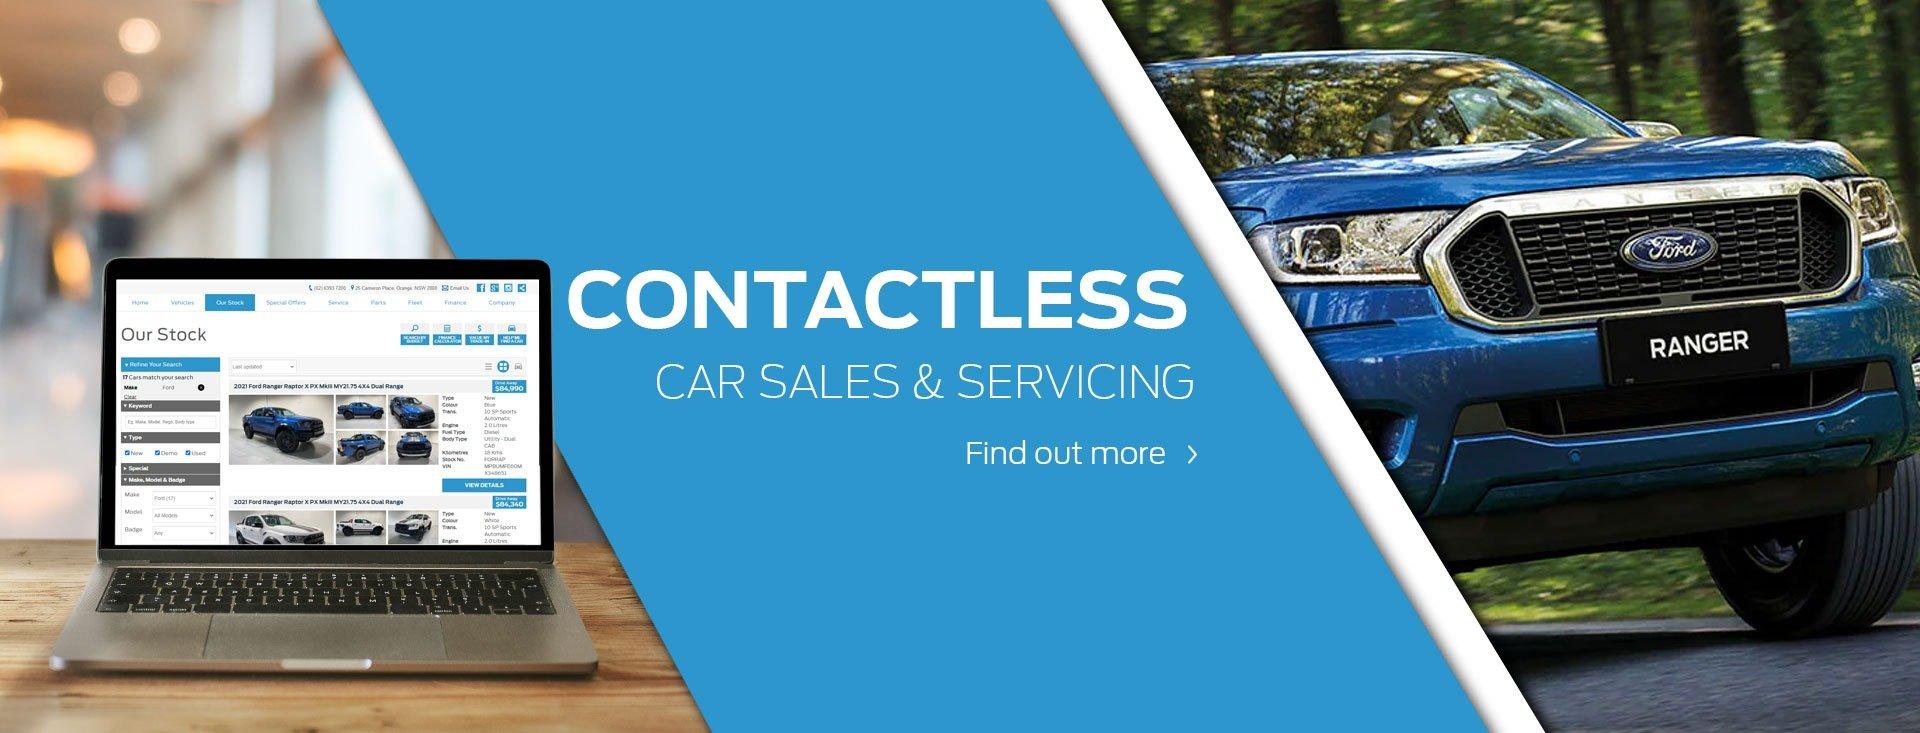 Contactless Car Sales